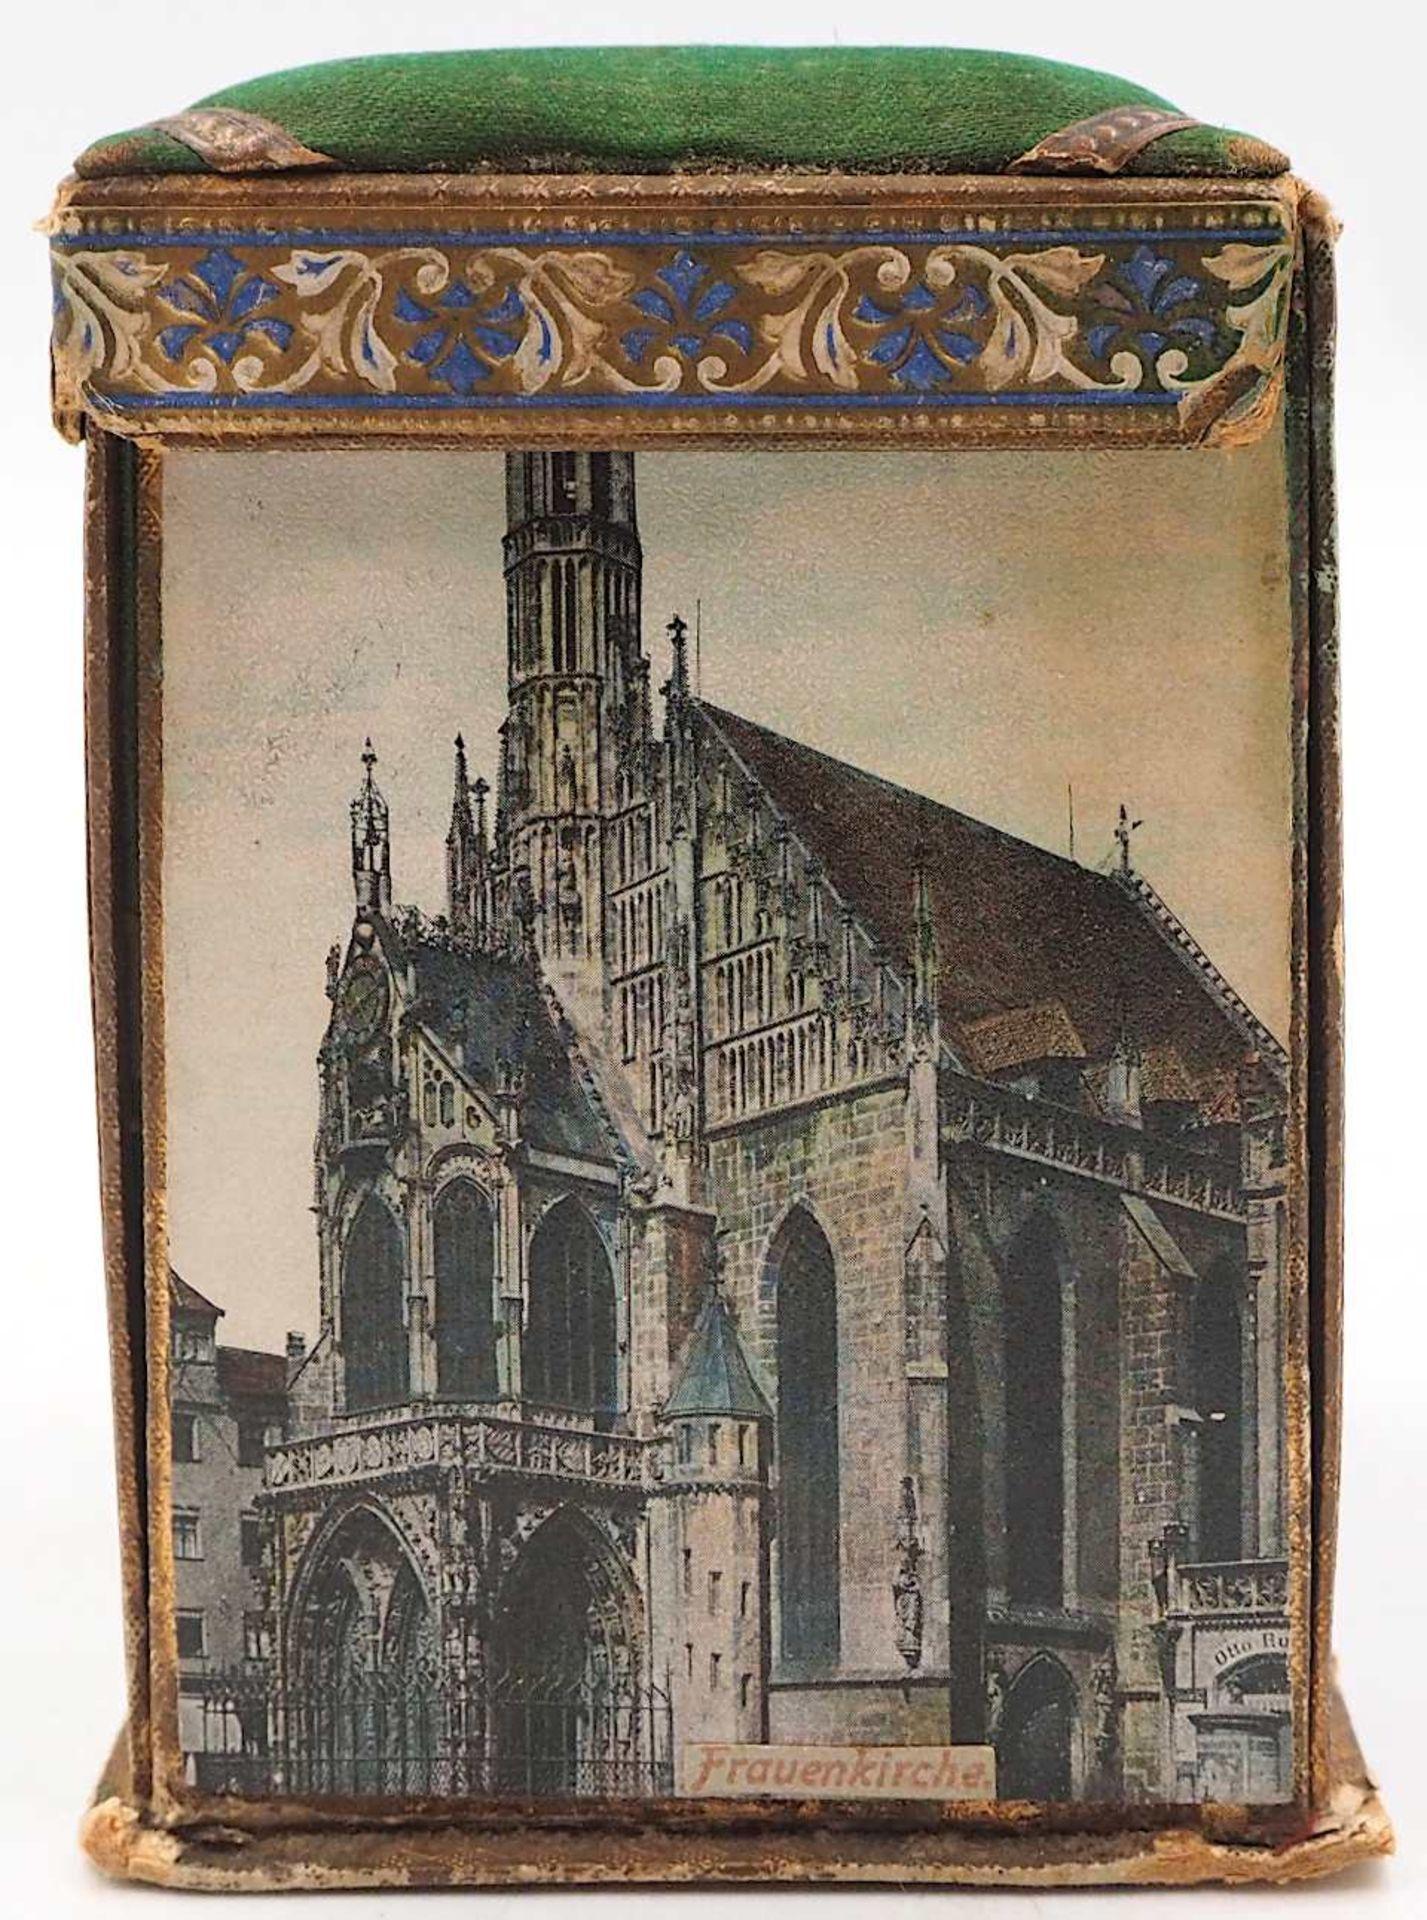 1 Reisenähset wohl um 1900 bedruckte Pappe/Stoff, aufklappbar, auf Wandung Nürnberge - Bild 3 aus 5